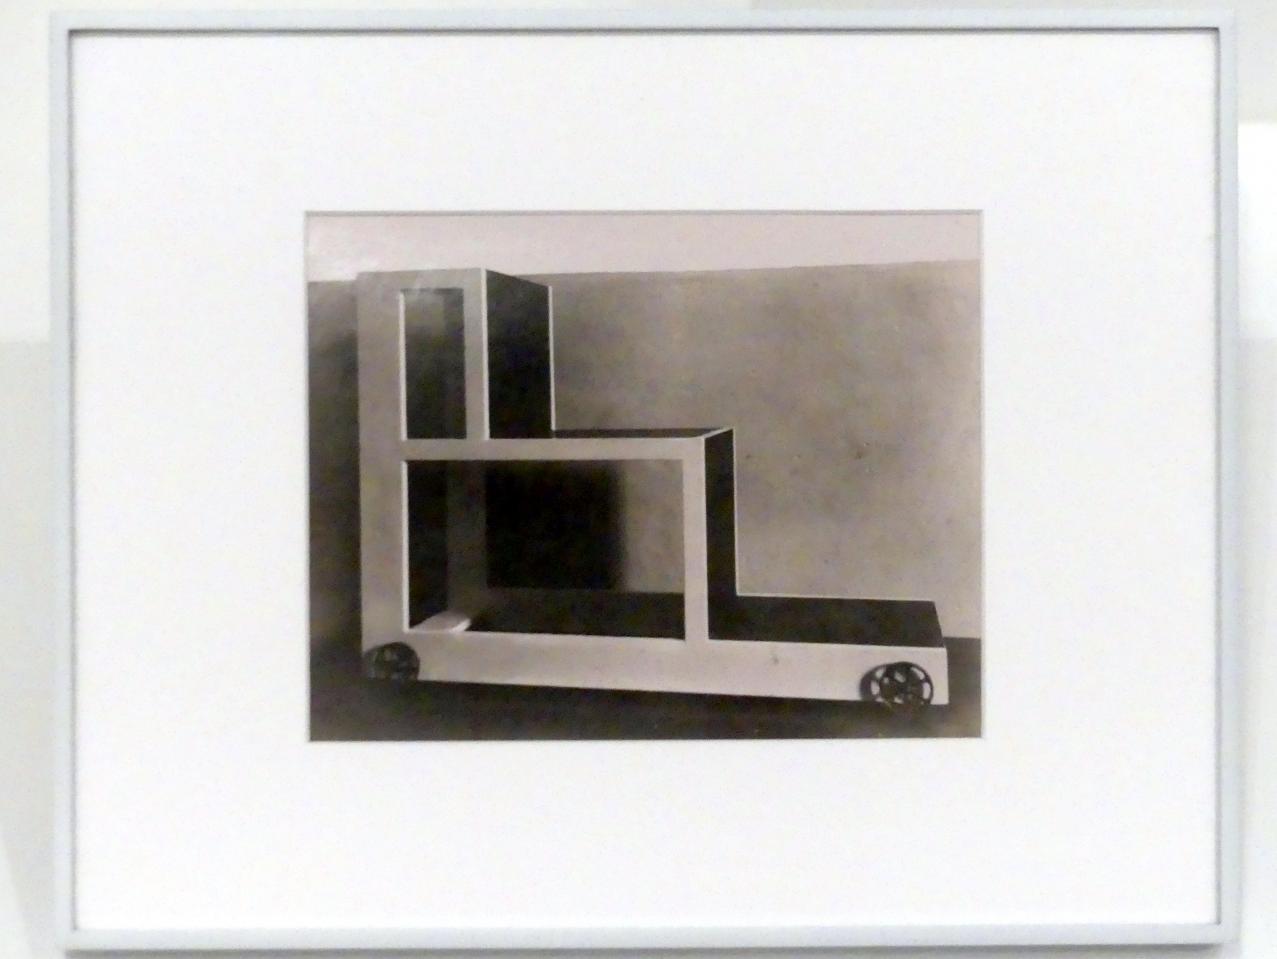 Lucia Moholy: Alma Buschers Leiterstuhl für das Kinderzimmer, 1923 - 1925